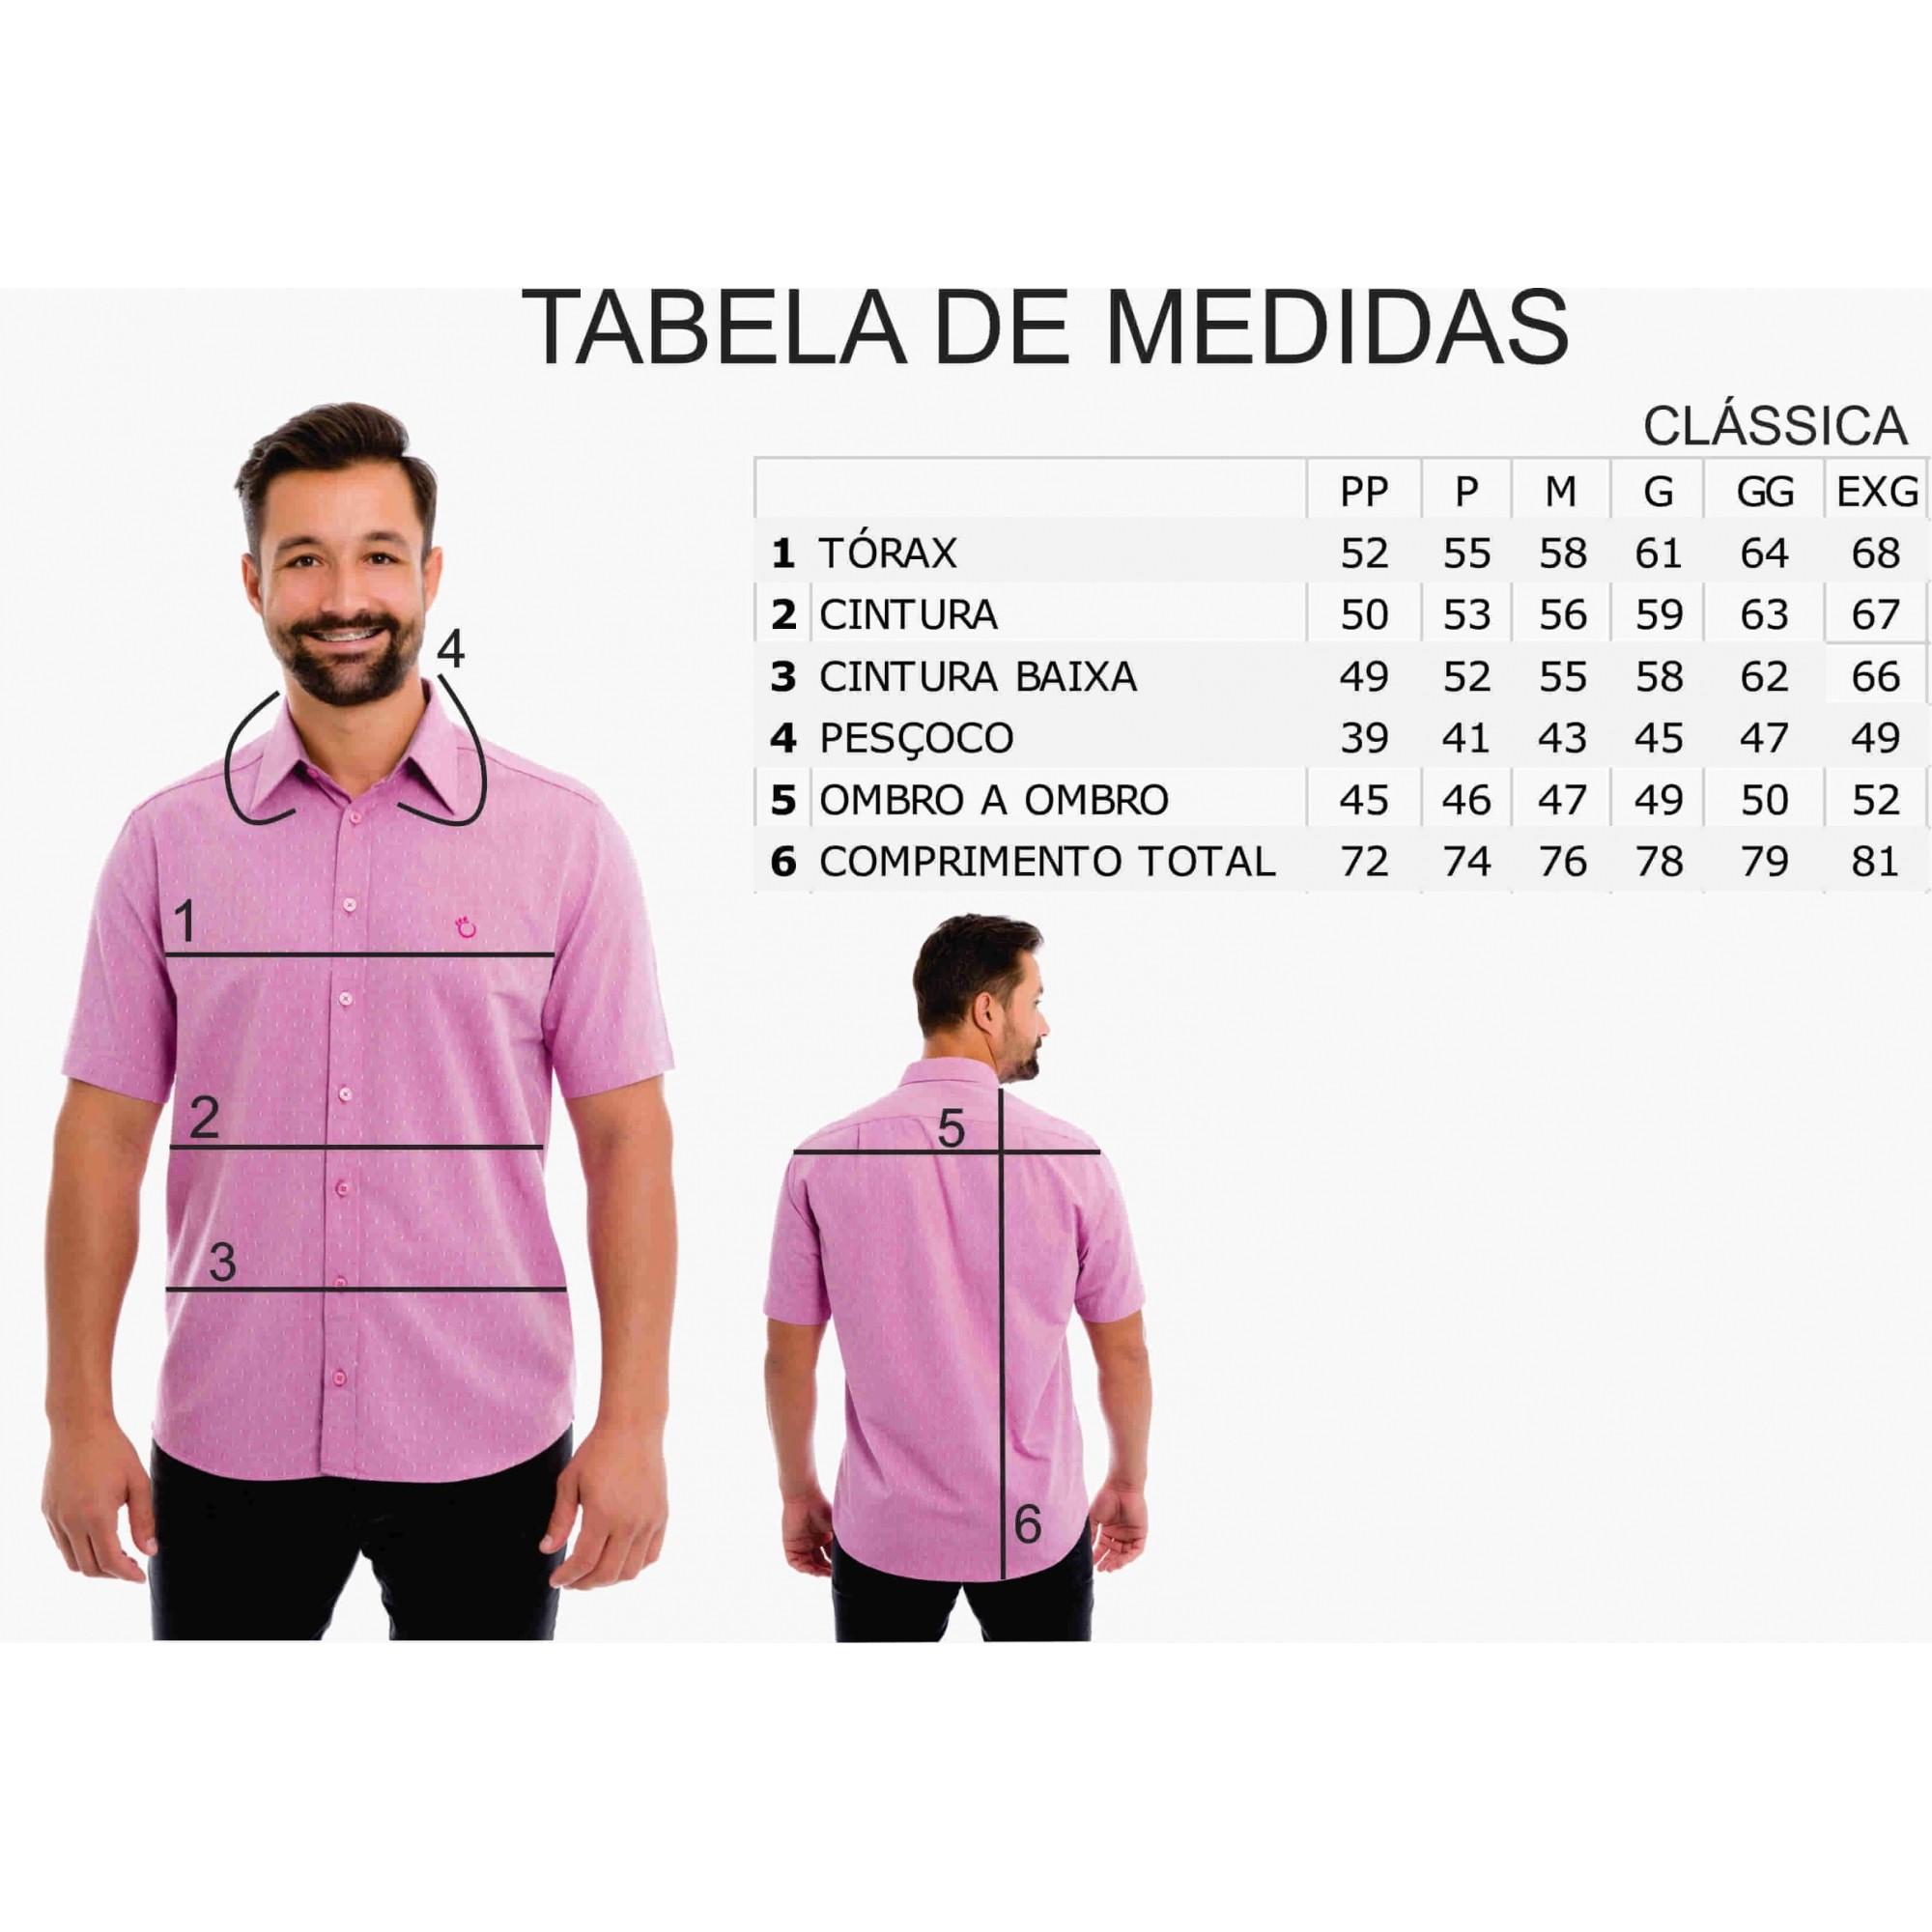 Camisa Social Olimpo Estampada 100% Algodão Fio 50 Manga Curta